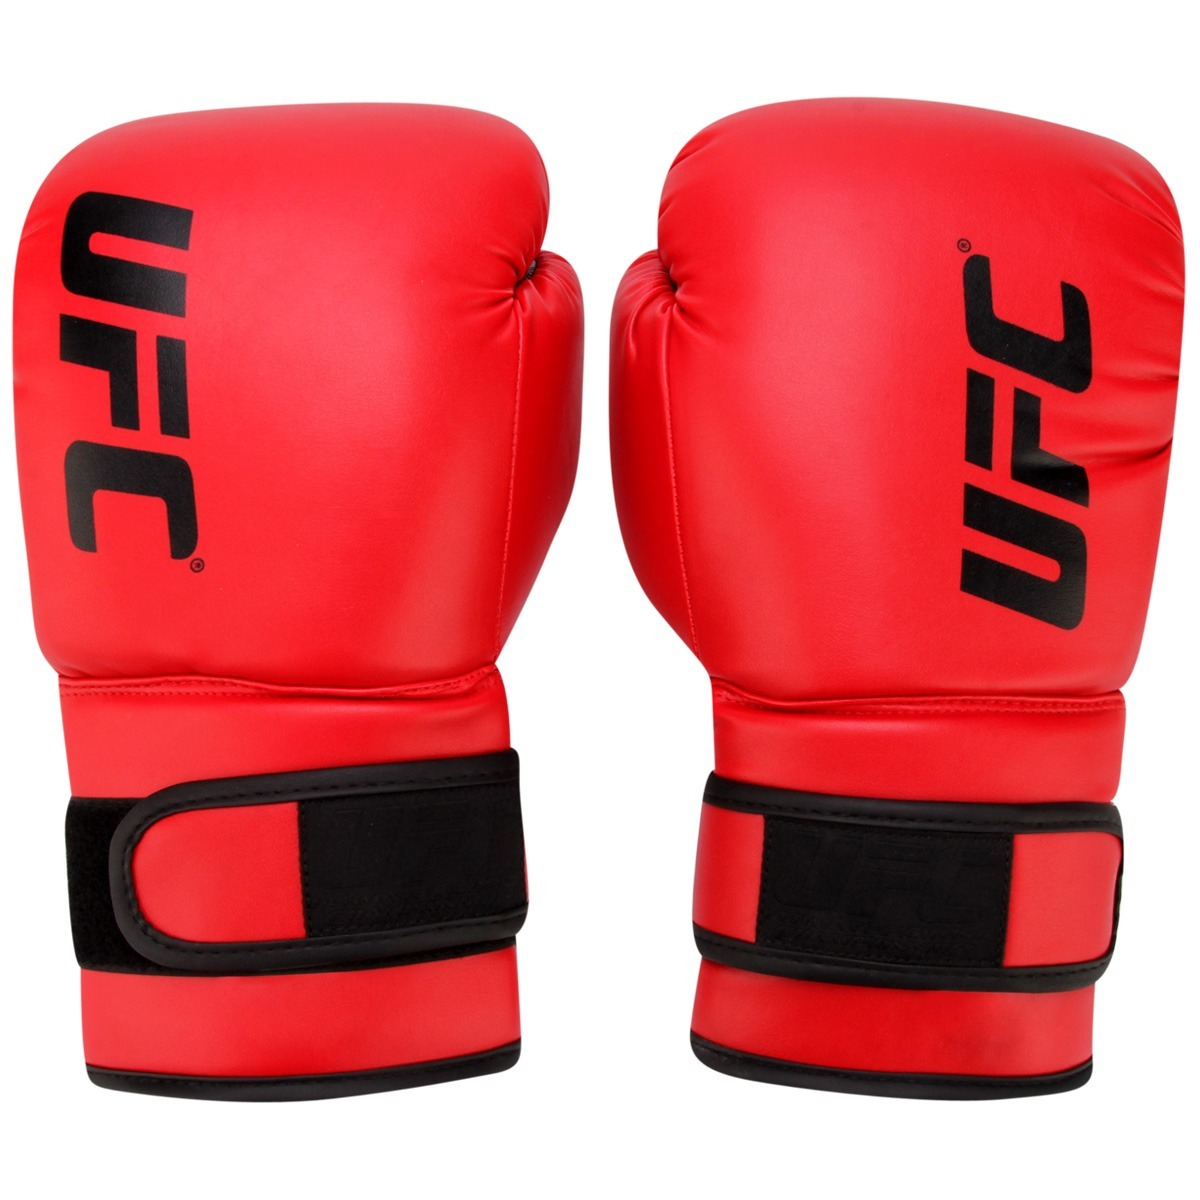 4b0bcf788 luva de boxe ufc beginners 14oz vermelho. Carregando zoom.